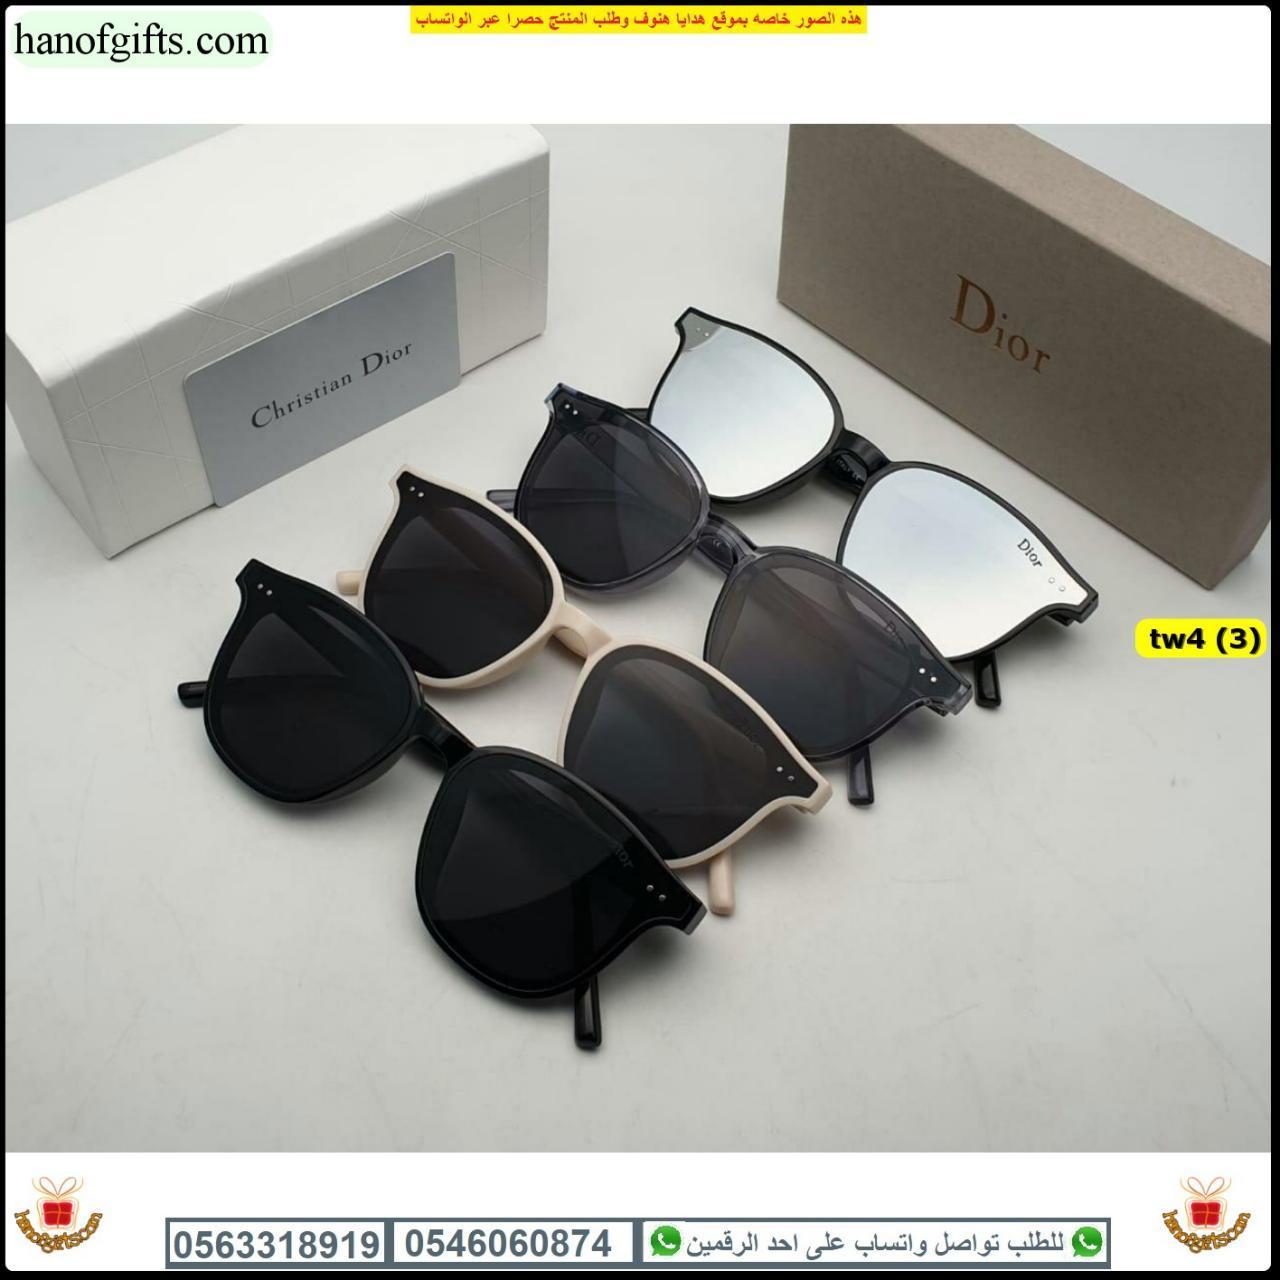 نظارات ديور نسائي 2020